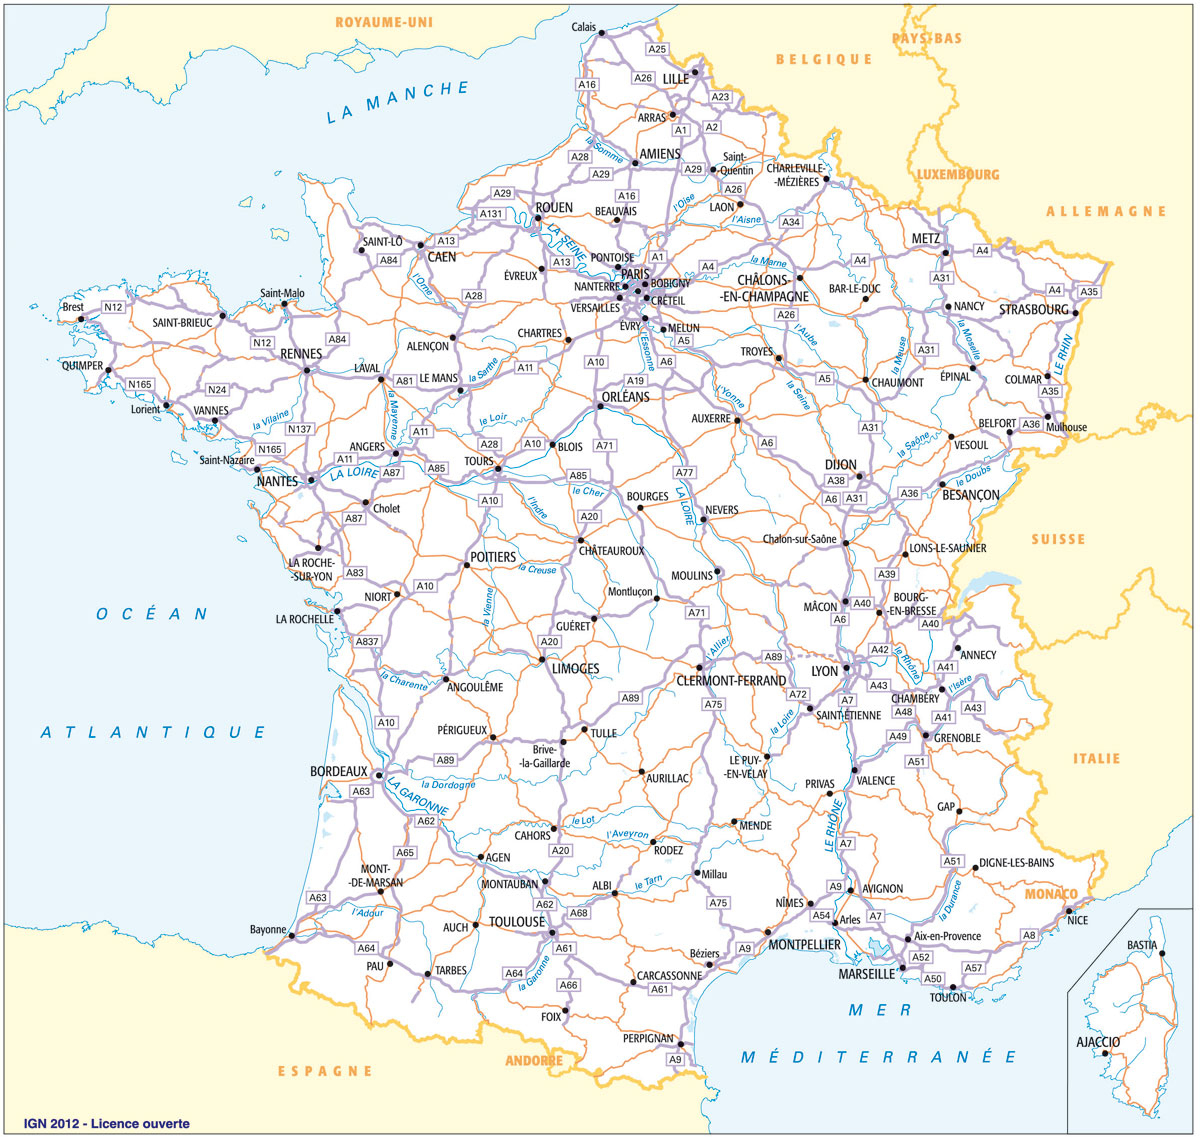 Calcul D'itineraire Routier - Carte Routière De France intérieur Carte De France Détaillée Avec Les Villes